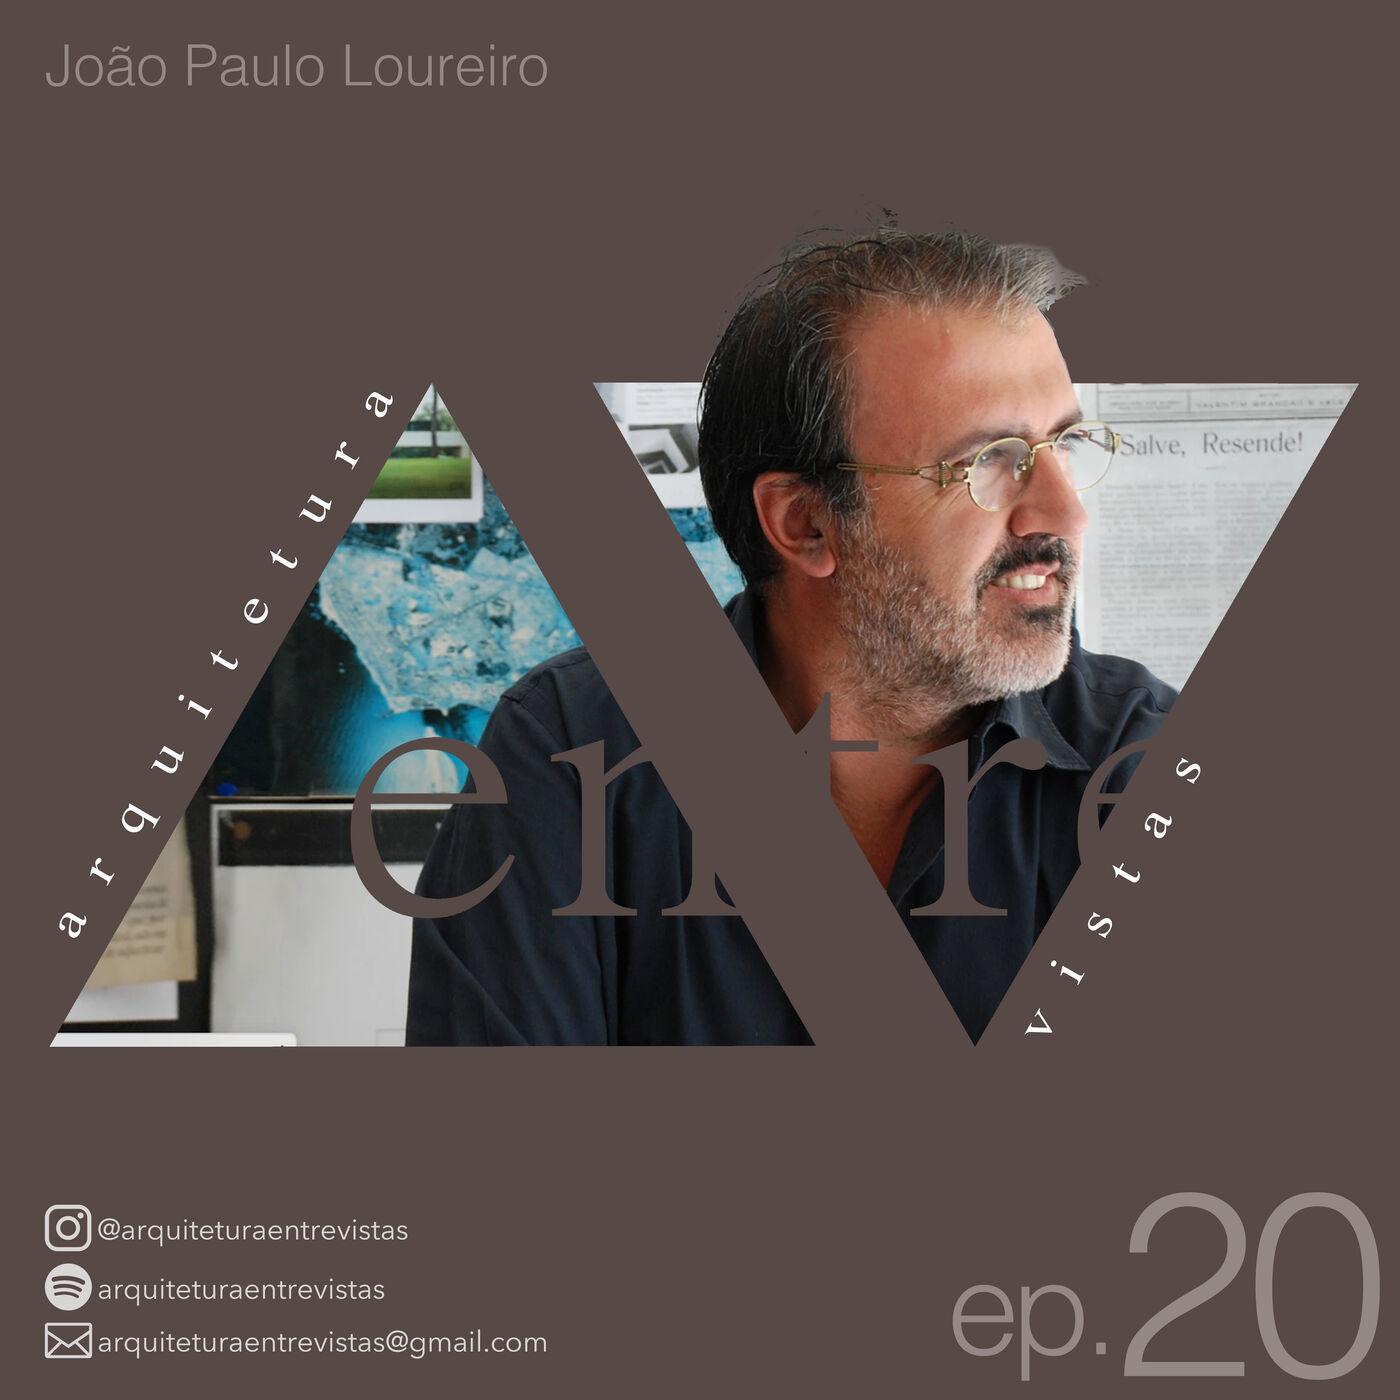 EP.20 João Paulo Loureiro, Arquitetura Entre Vistas